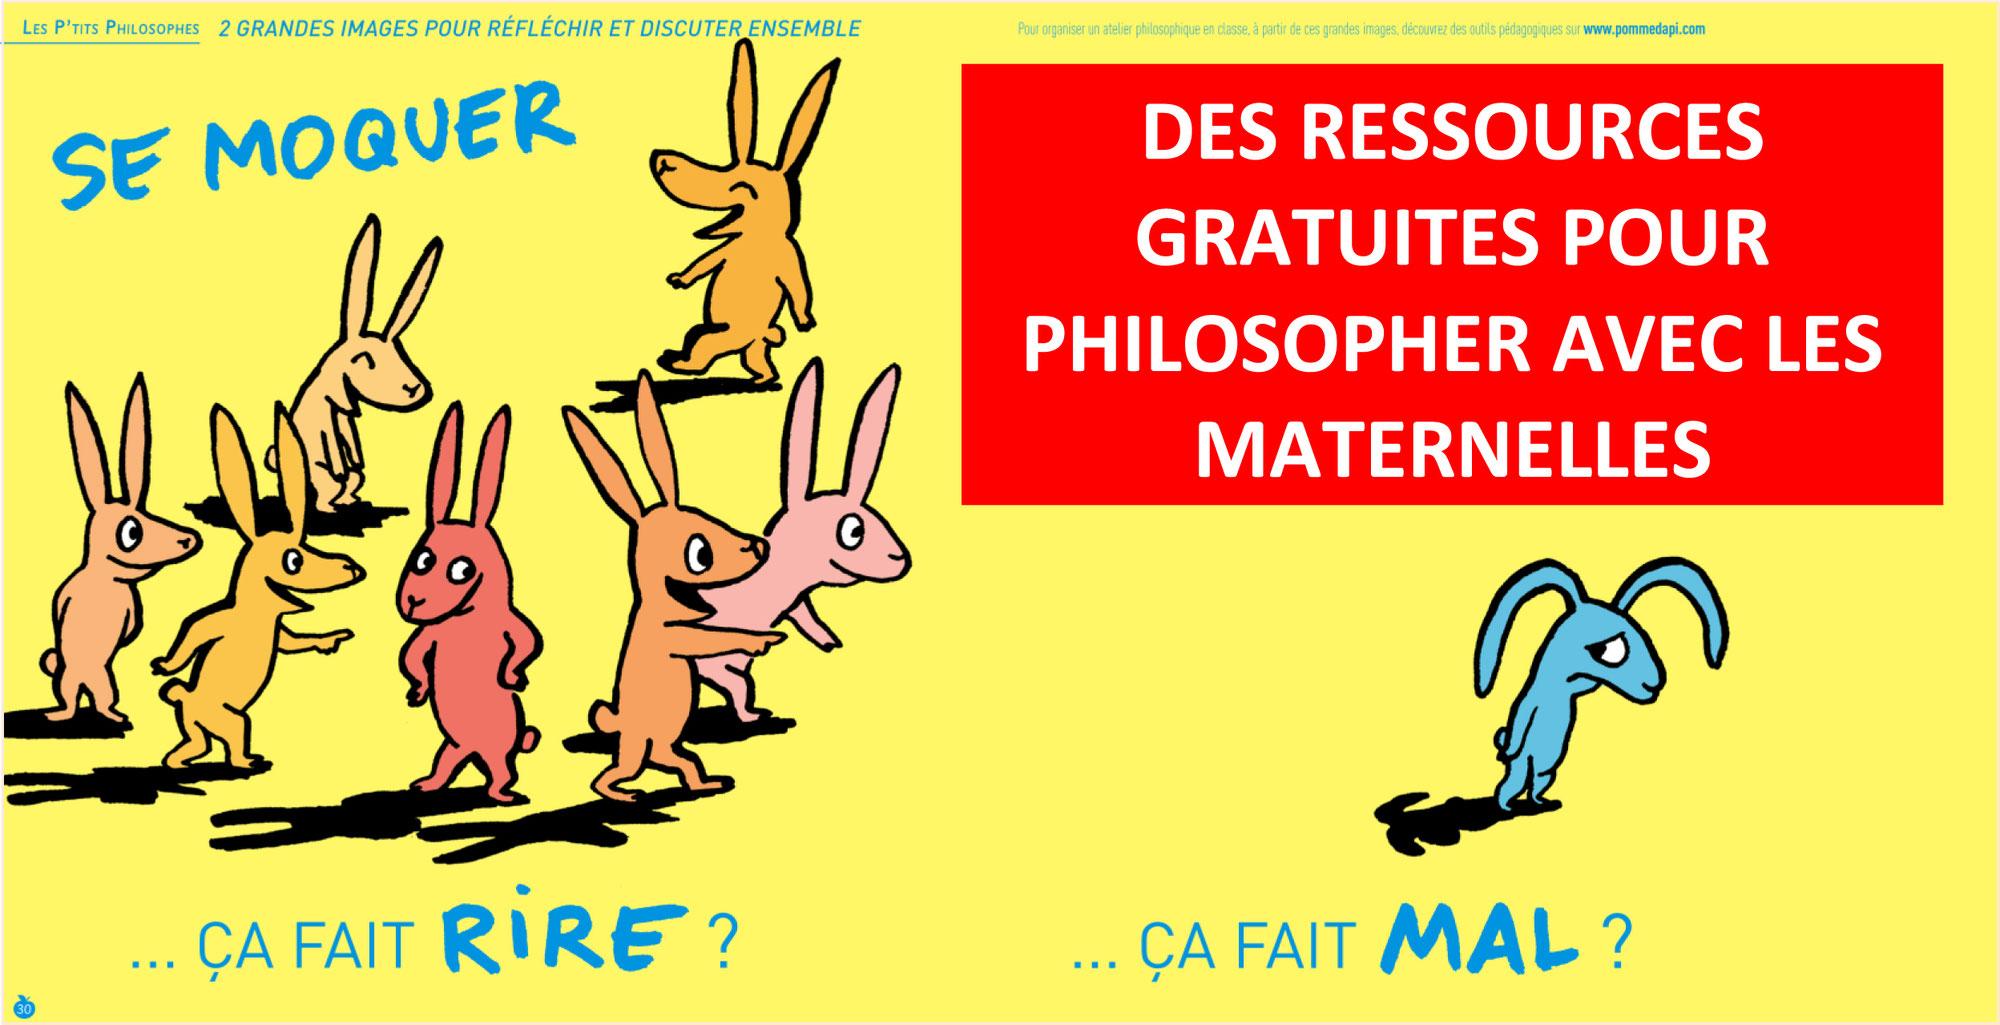 Ressources gratuites pour PHILOSOPHER AVEC LES MATERNELLES (Les P'tits Philosophes de Pomme d'Api)